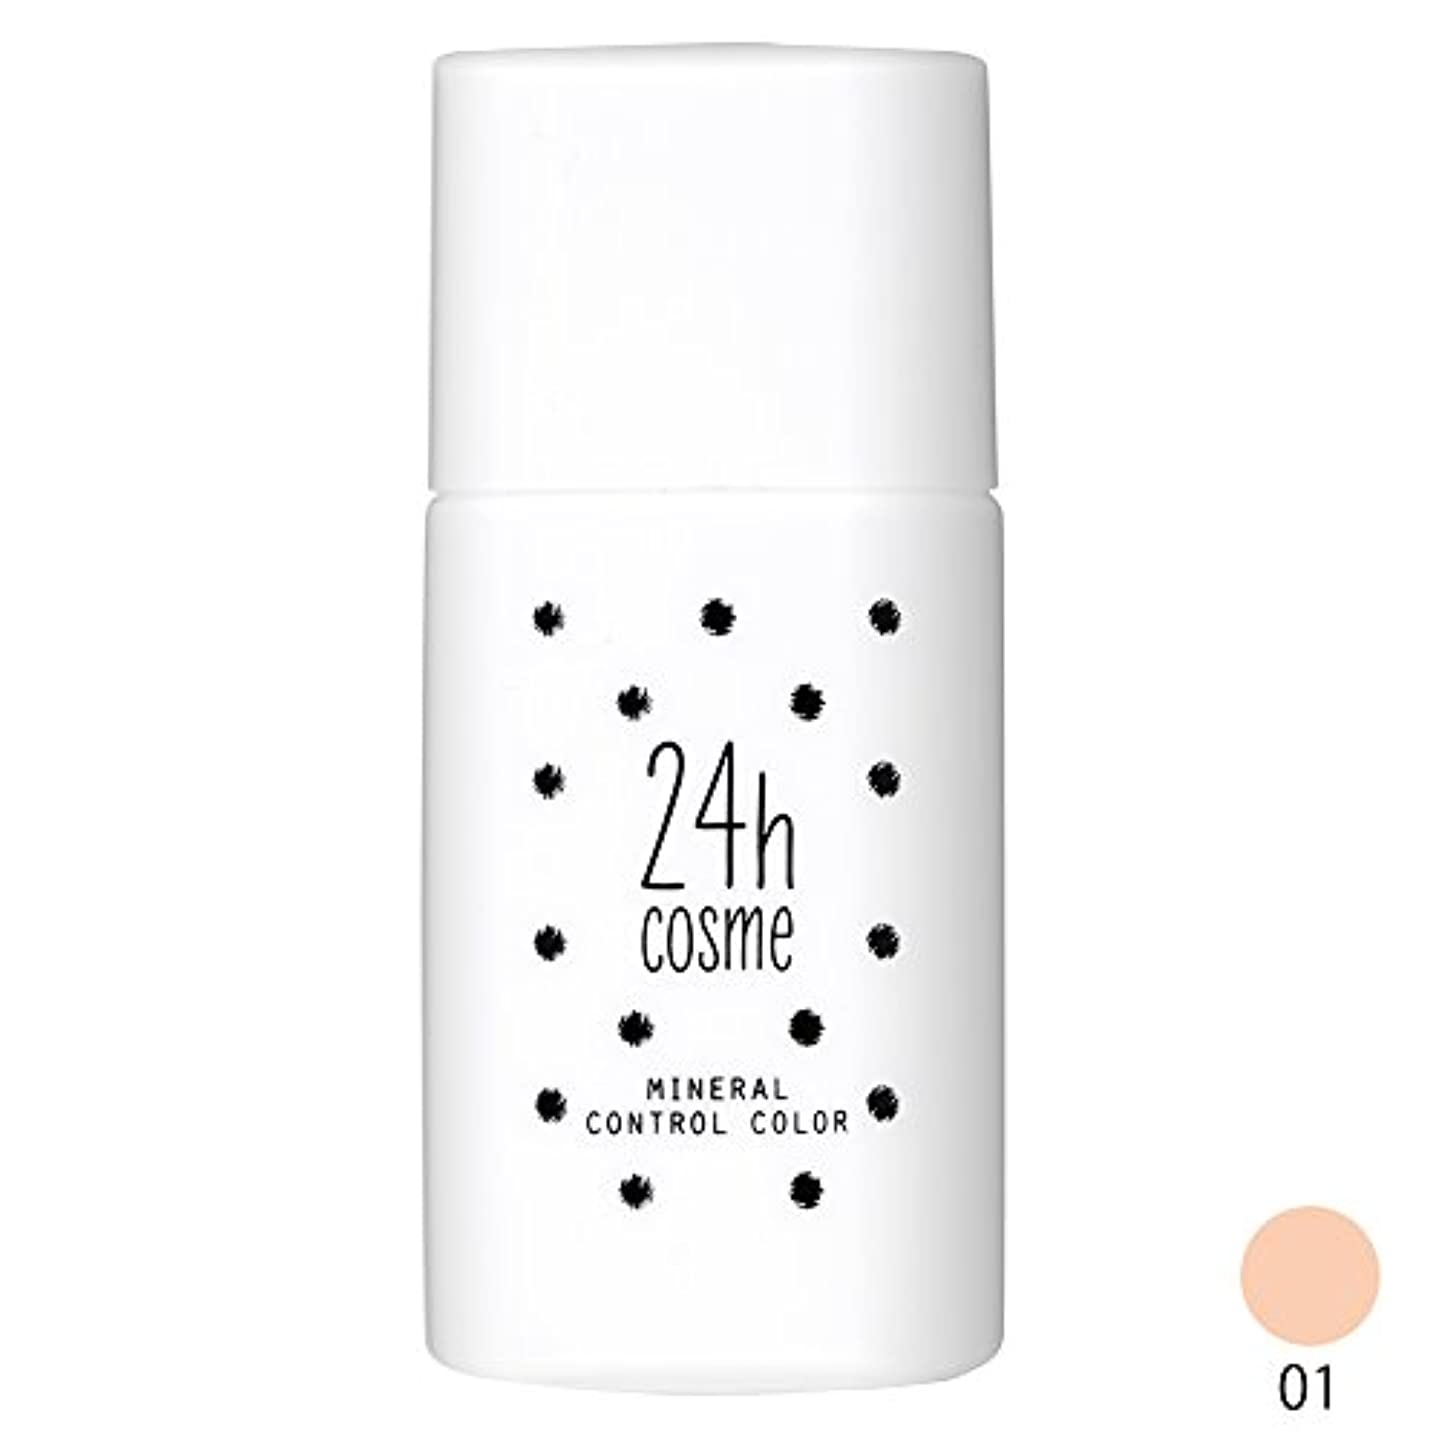 電圧受信機どちらか24h cosme 24 コントロールベースカラー 01ブライトピンク 肌に優しい化粧下地 20ml